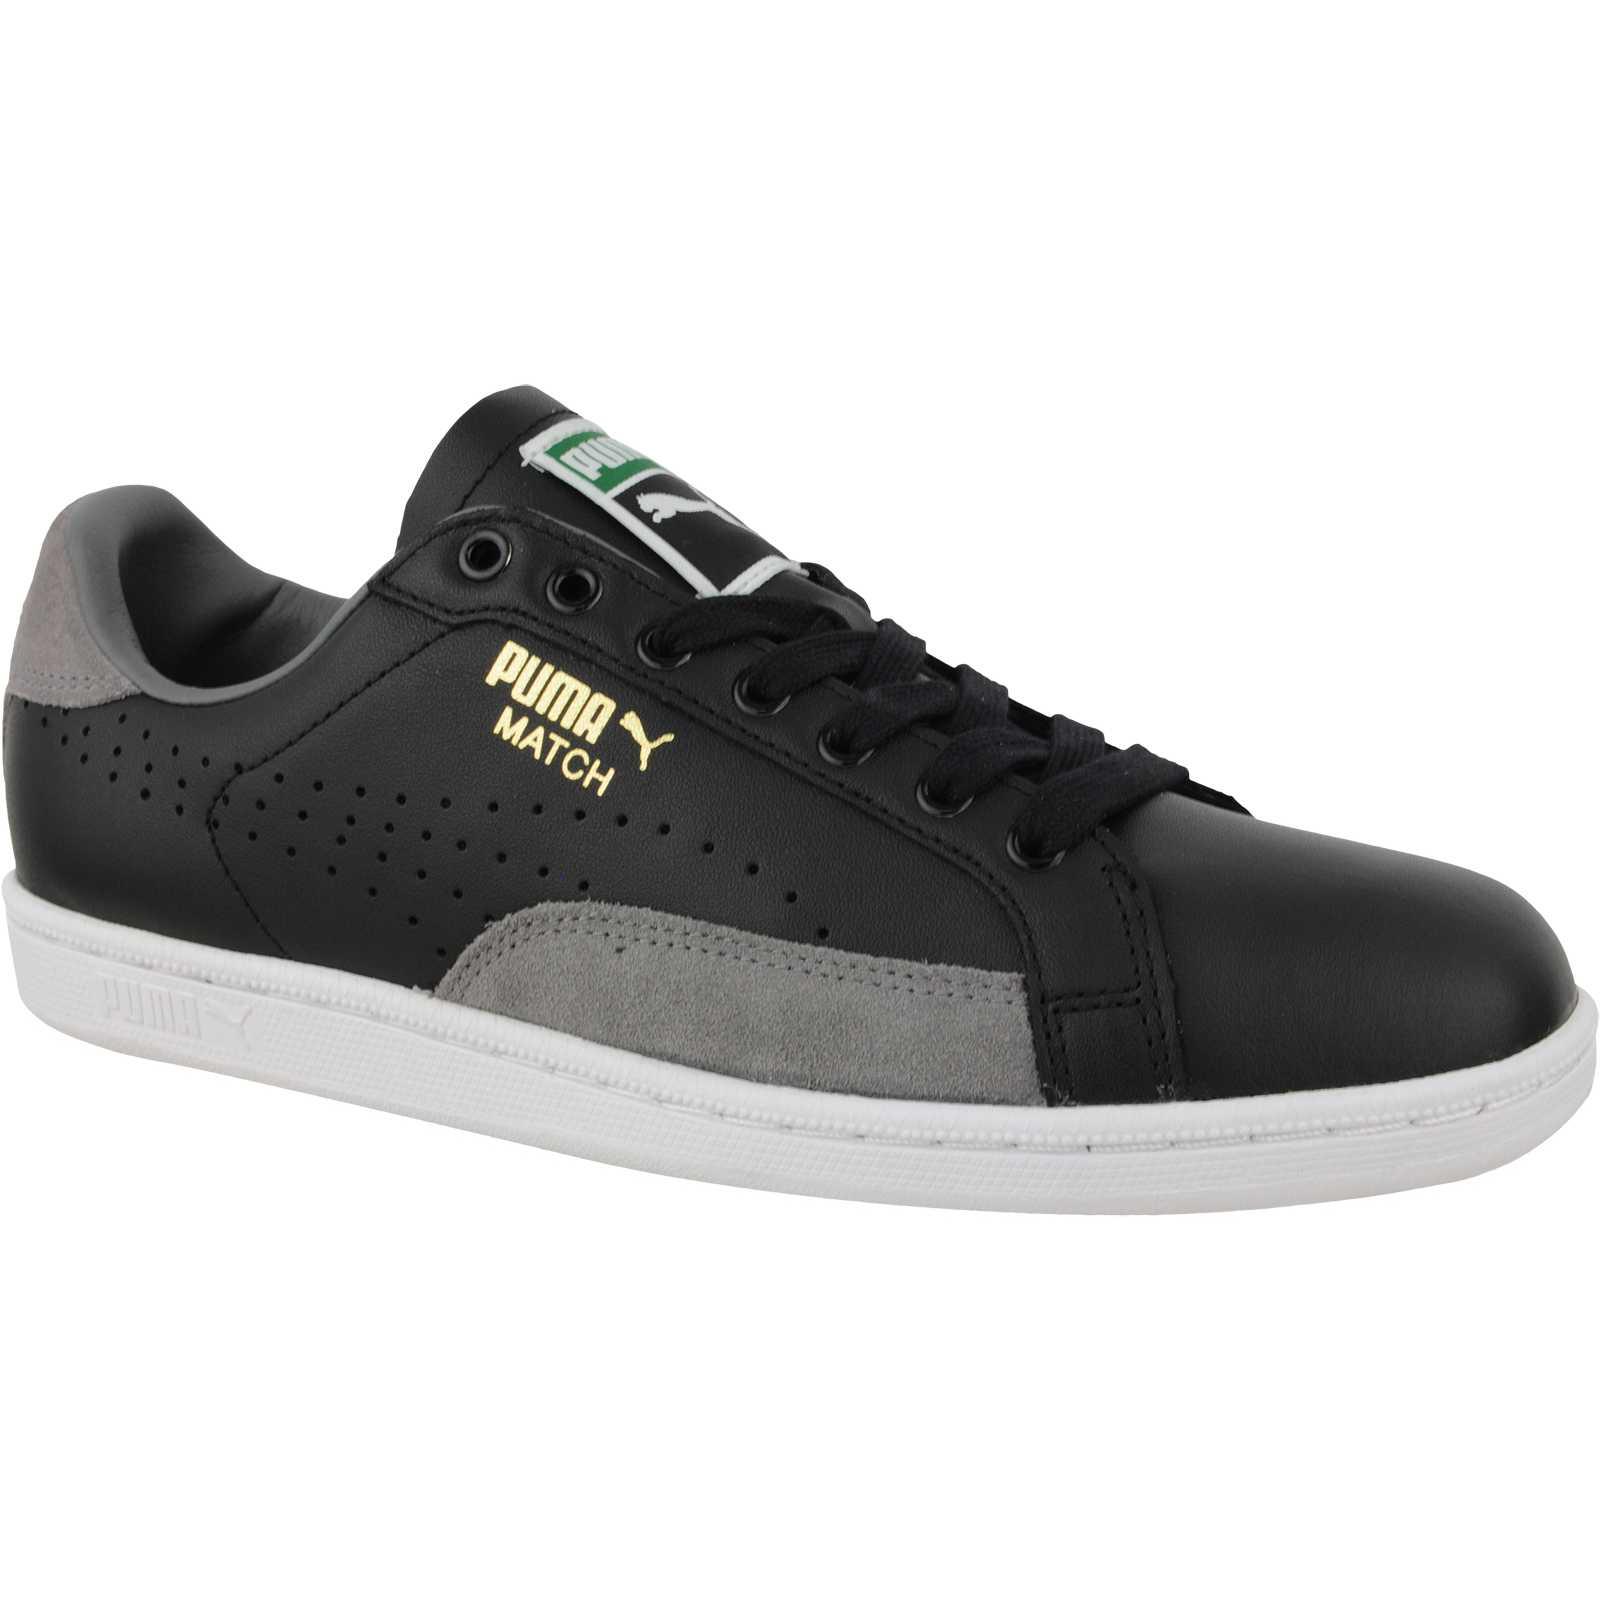 Pantofi sport barbati Puma Match 74 Upc 35951802